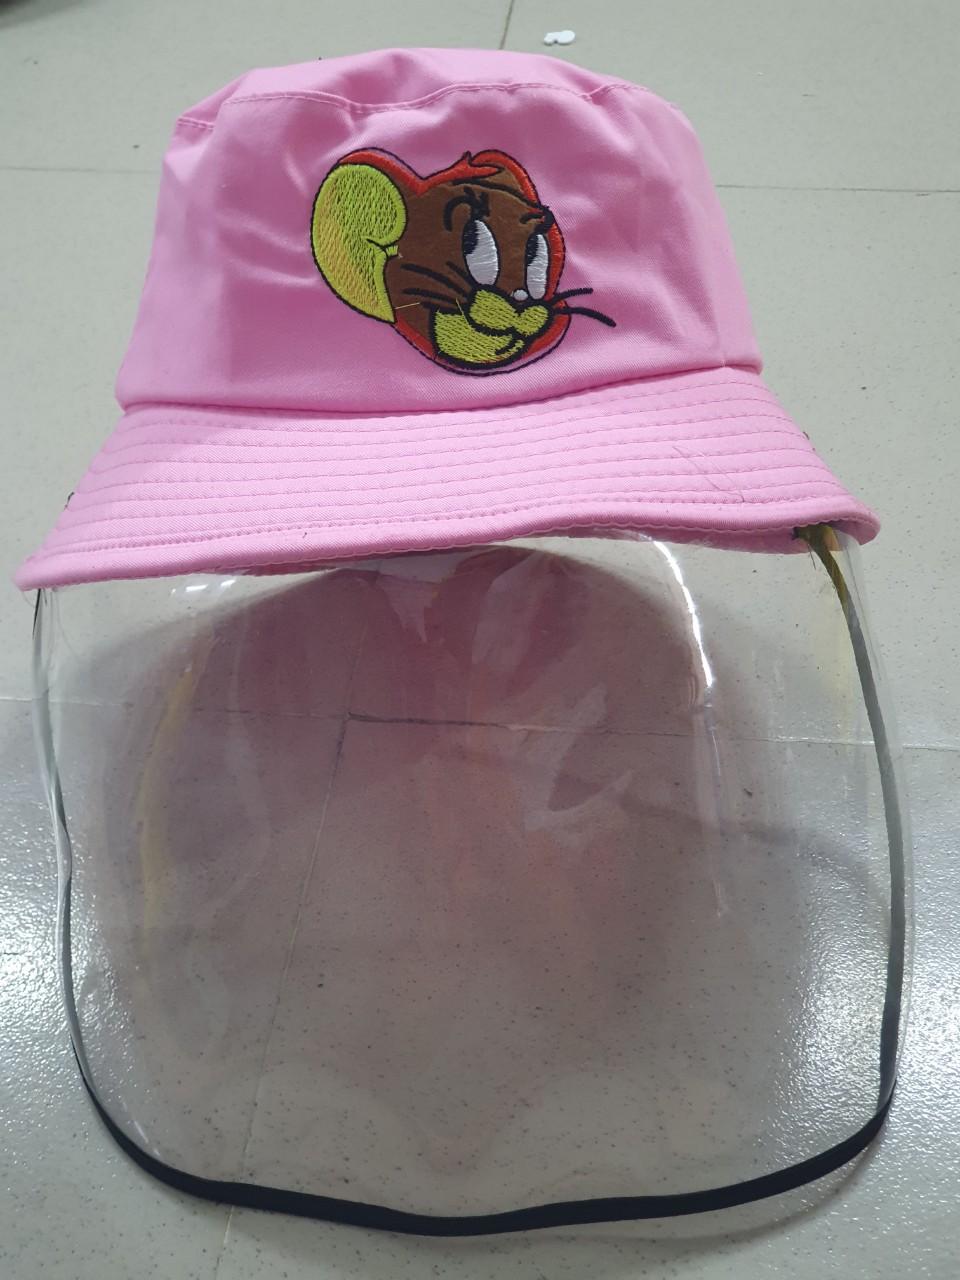 Mũ Chống Giọt Bắn Dành Cho Trẻ Em Loại Mũ Tai Bèo Mầu Hồng Chuột 4